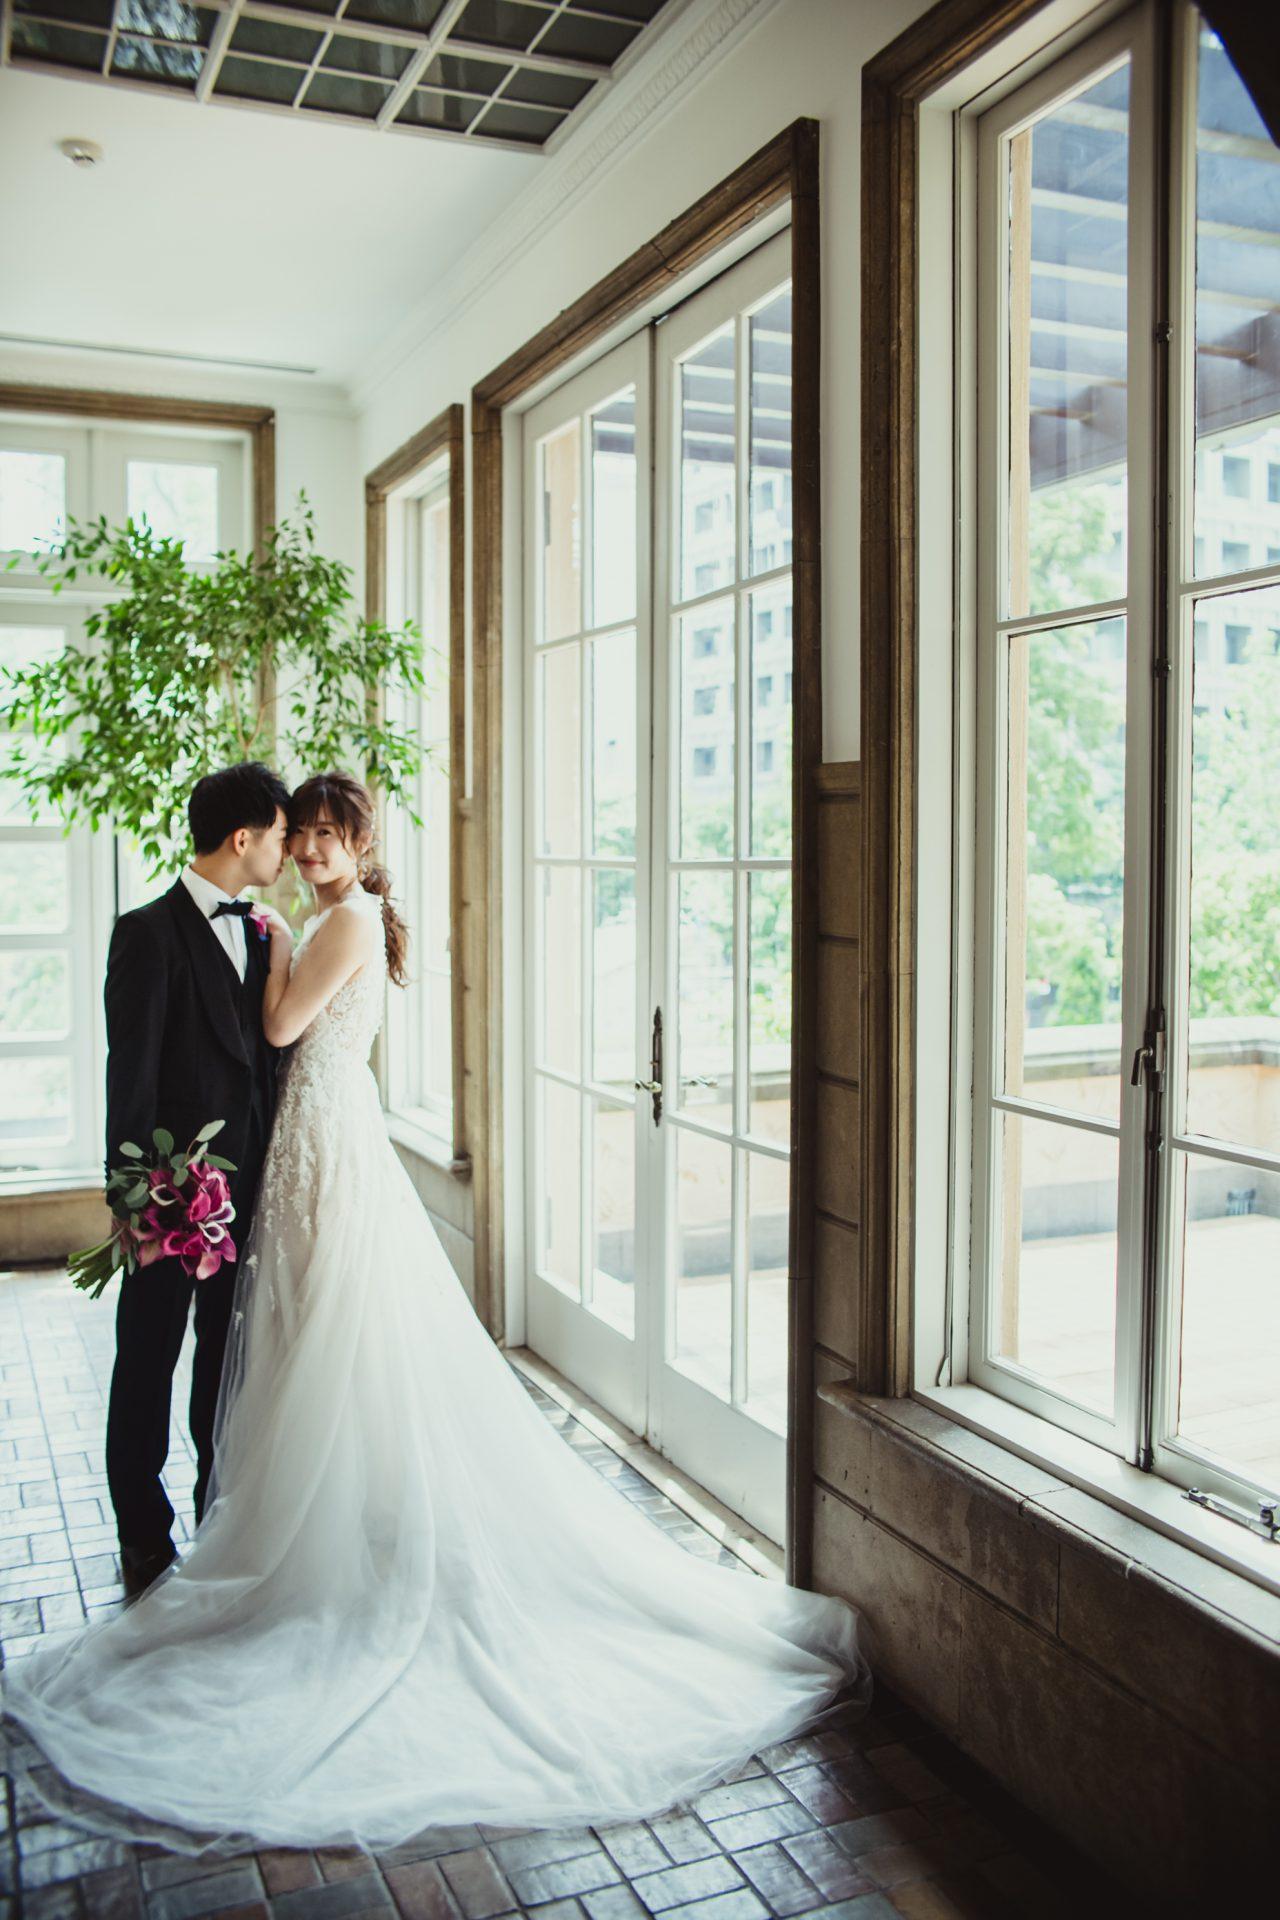 インポートドレスブランド リーム・アクラのウェディングドレスは、繊細なソフトチュールをふんだんに使ったAラインのドレスで、全体に施されたビーディングや長さのあるバックトレーンが華やかに花嫁様を彩ります